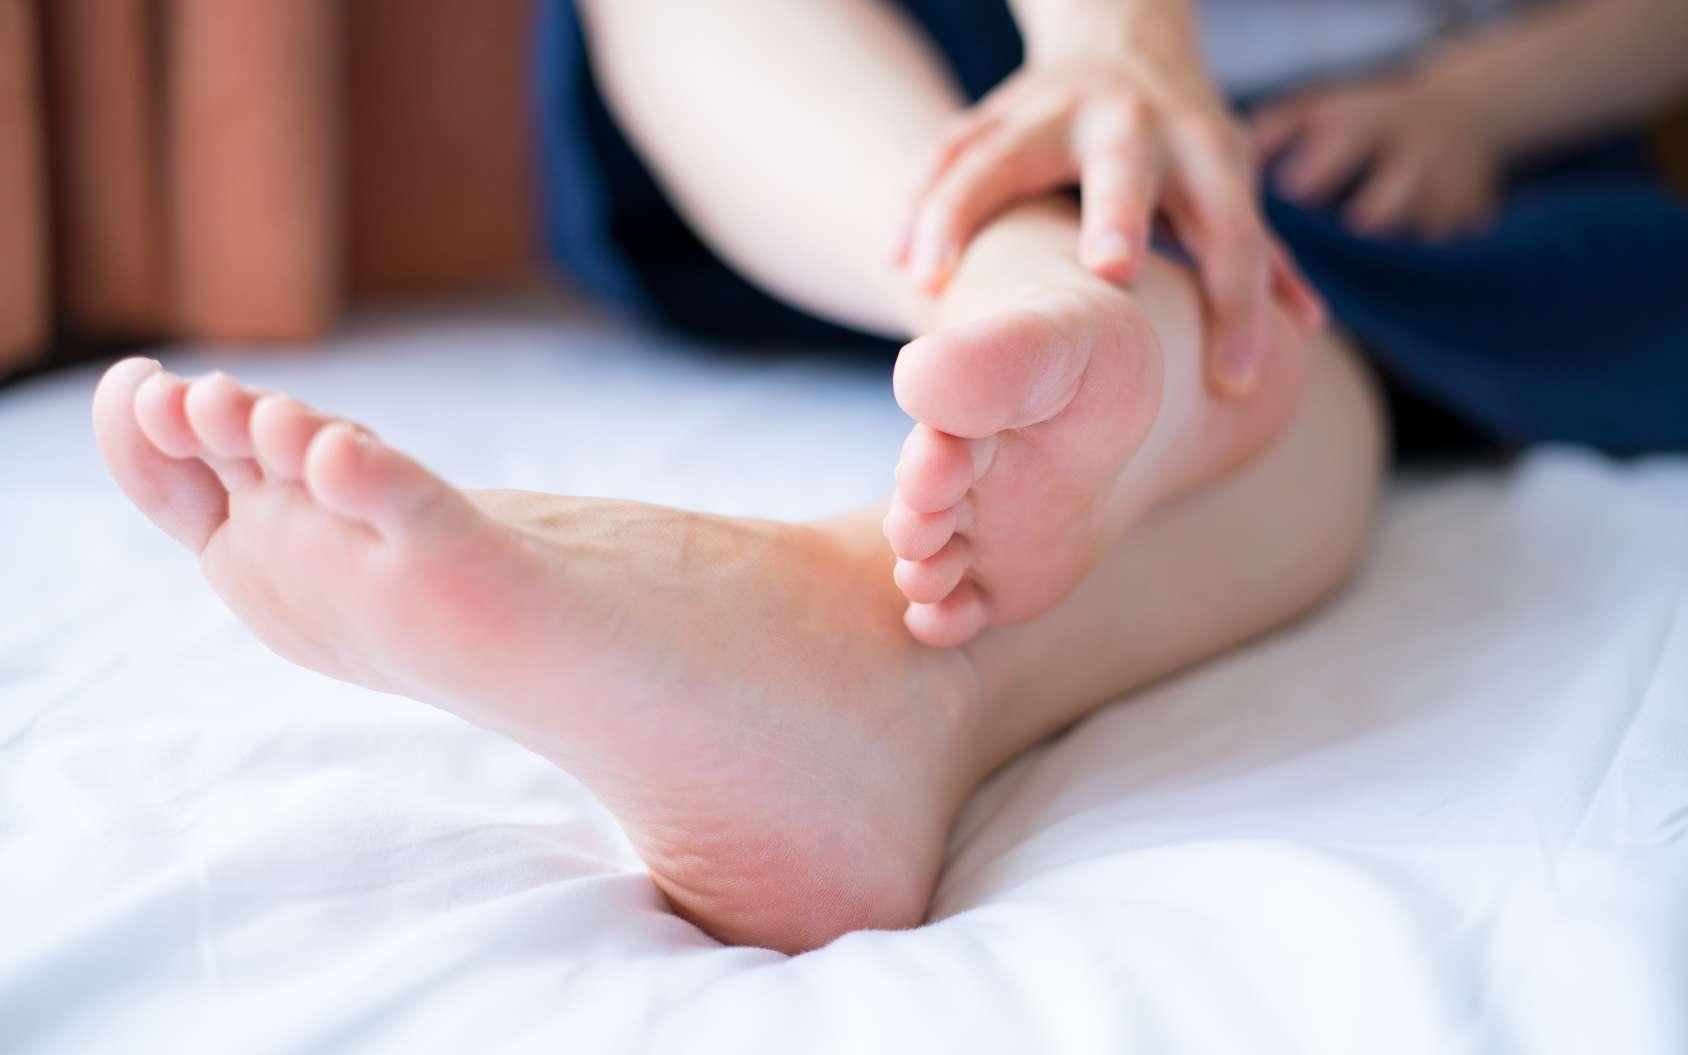 Le champignon responsable du pied d'athlète est un clone qui se reproduit de manière asexuée. © hikdaigaku86, Fotolia